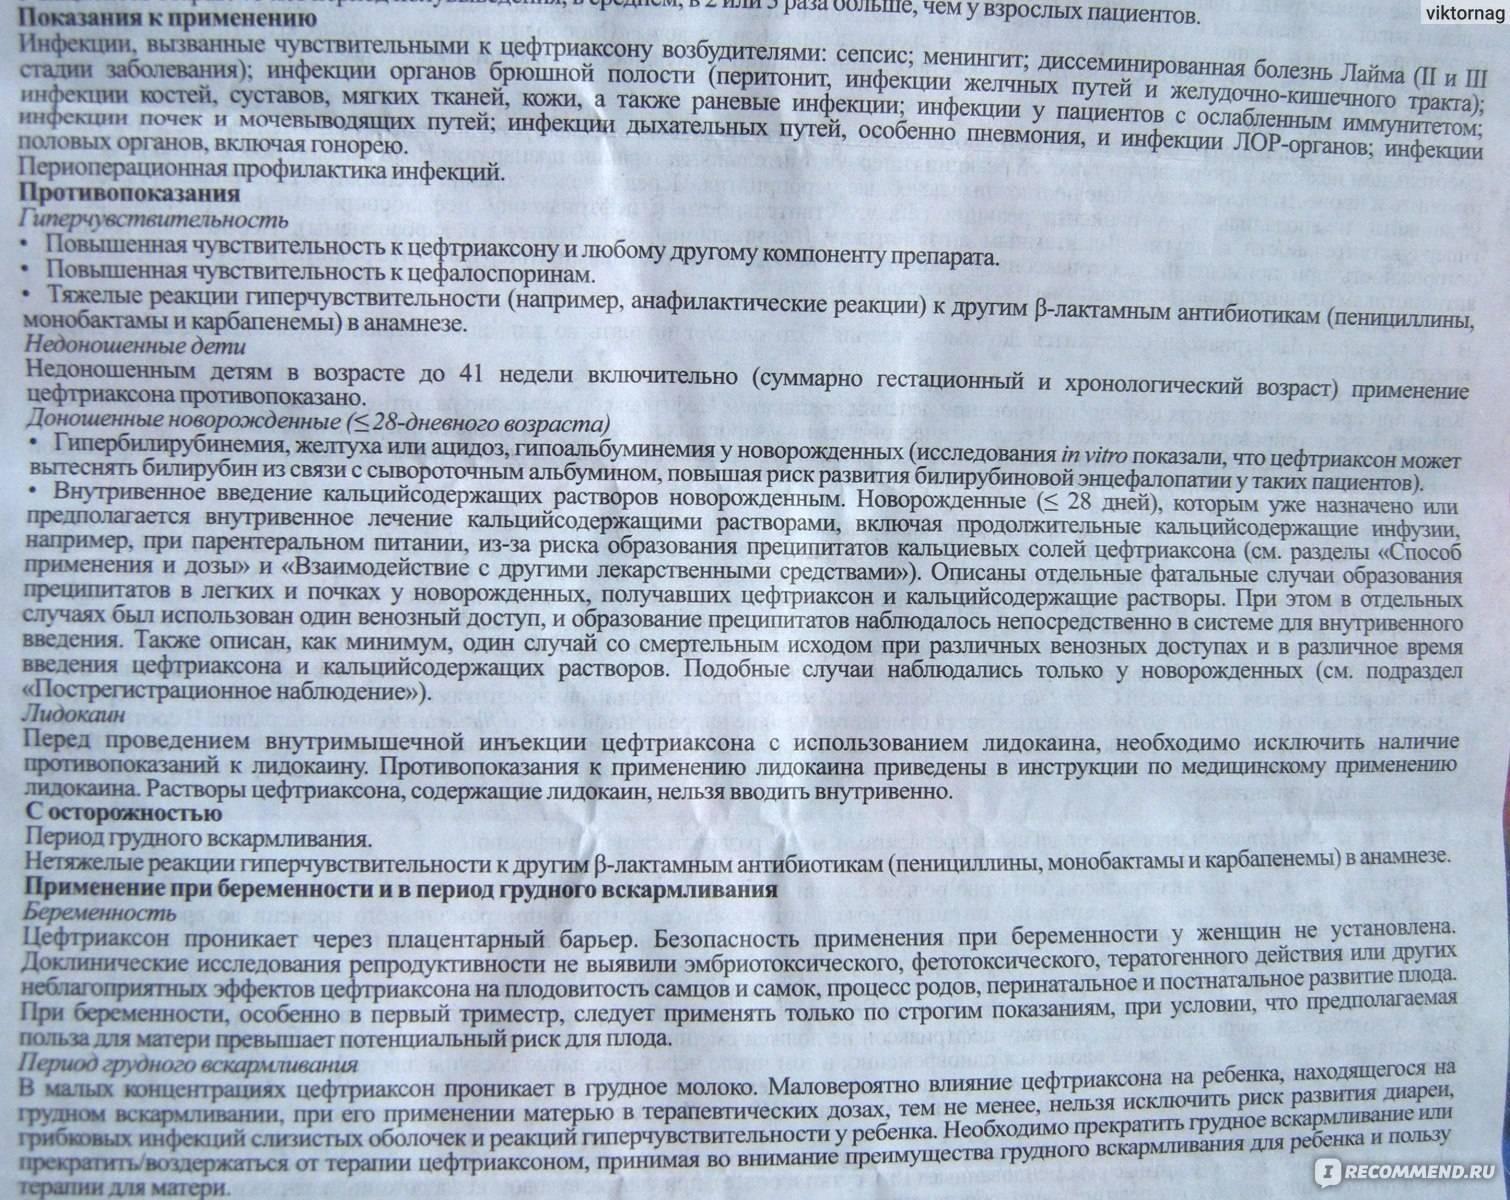 Цефтриаксон капельница: что указано в инструкции, для чего делают при пневмонии, в гинекологии, при беременности